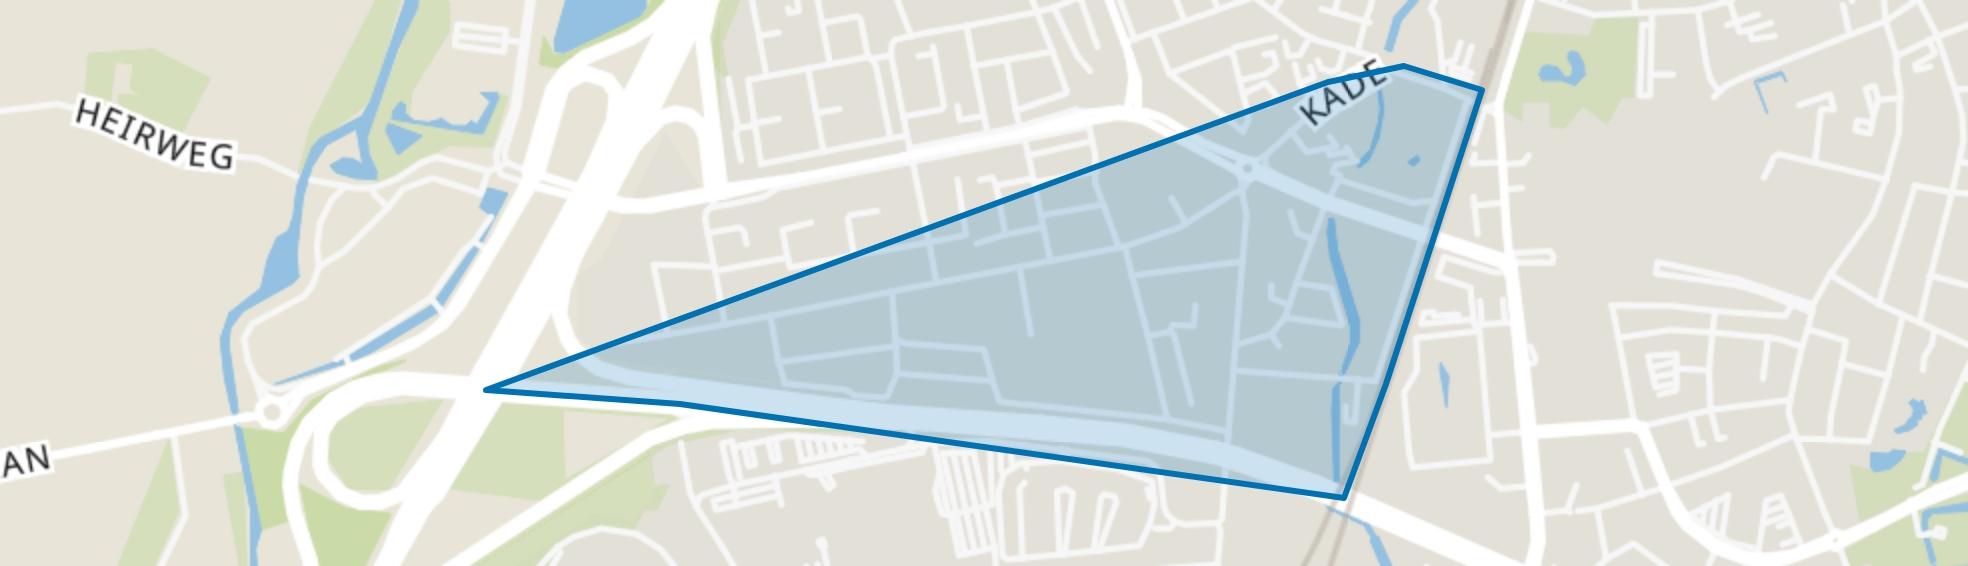 Heerma van Vossstraat-Molenbeek, Roosendaal map